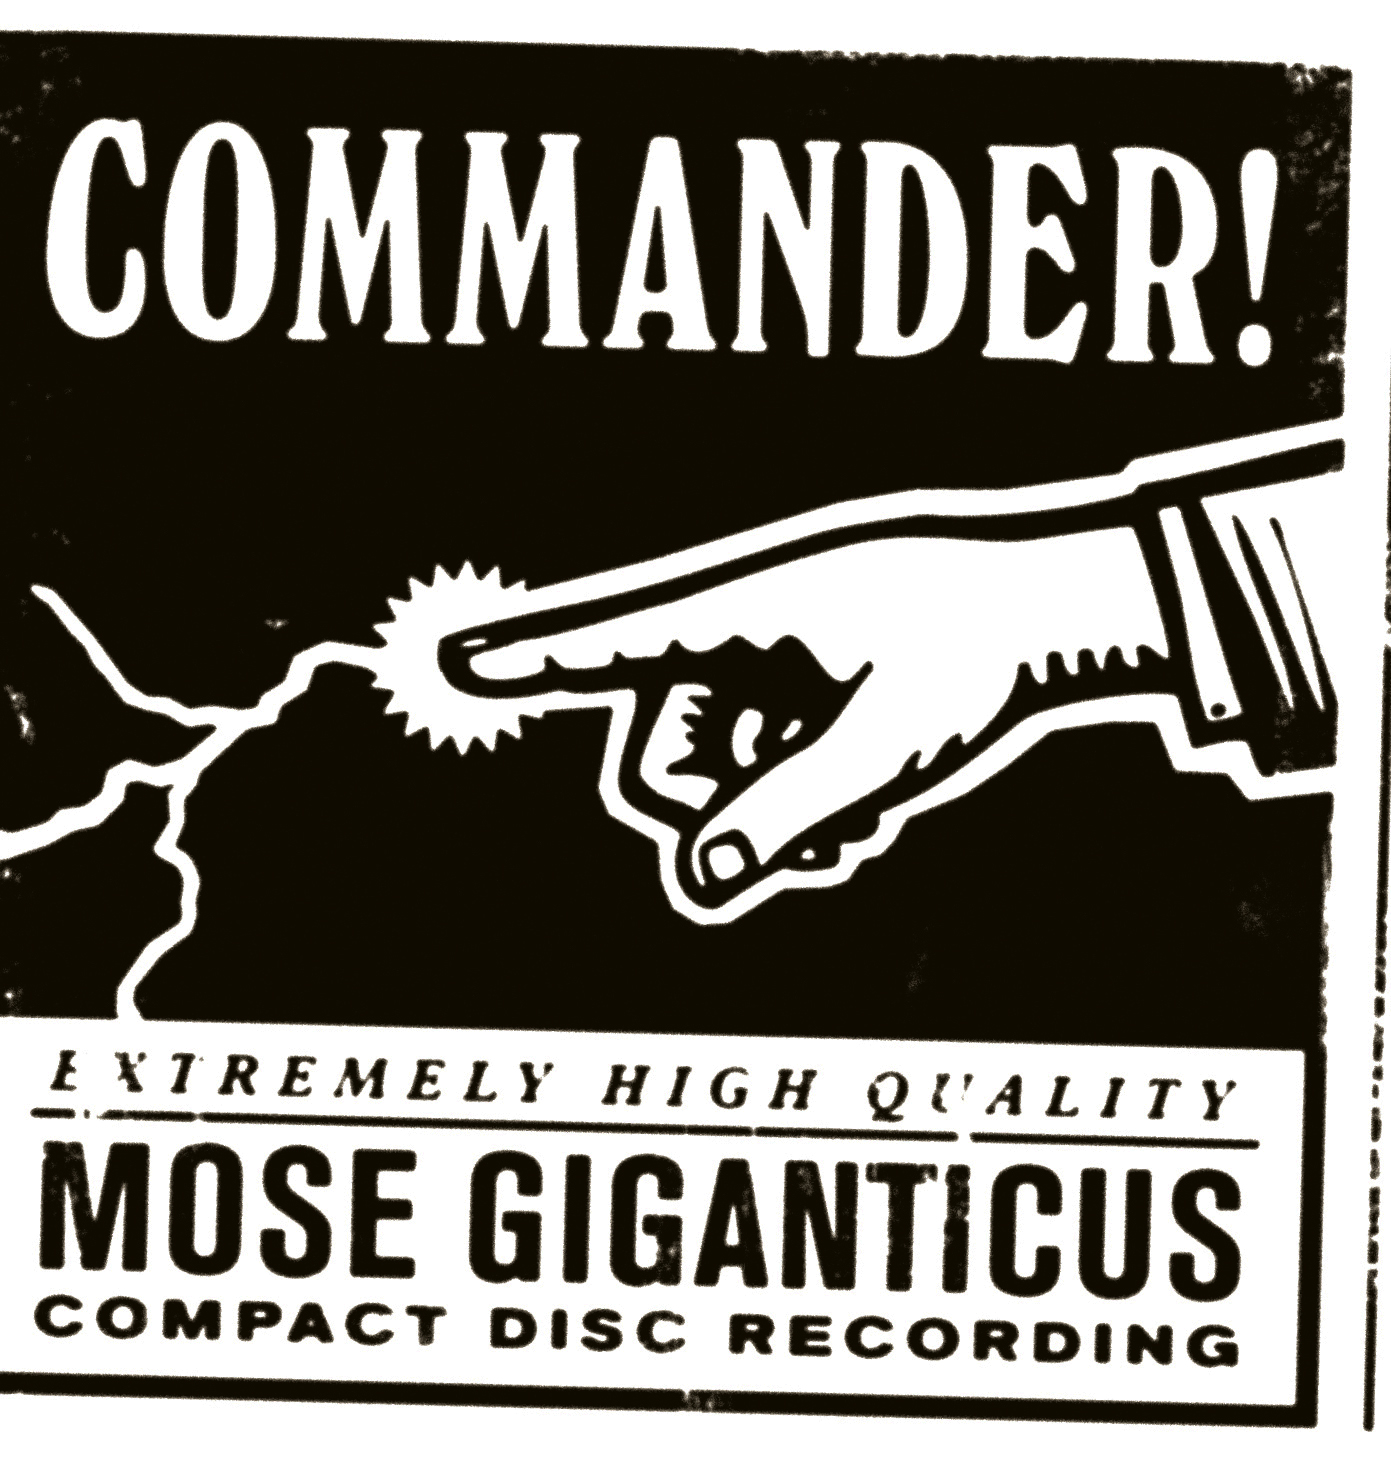 Mose Giganticus • Commander!